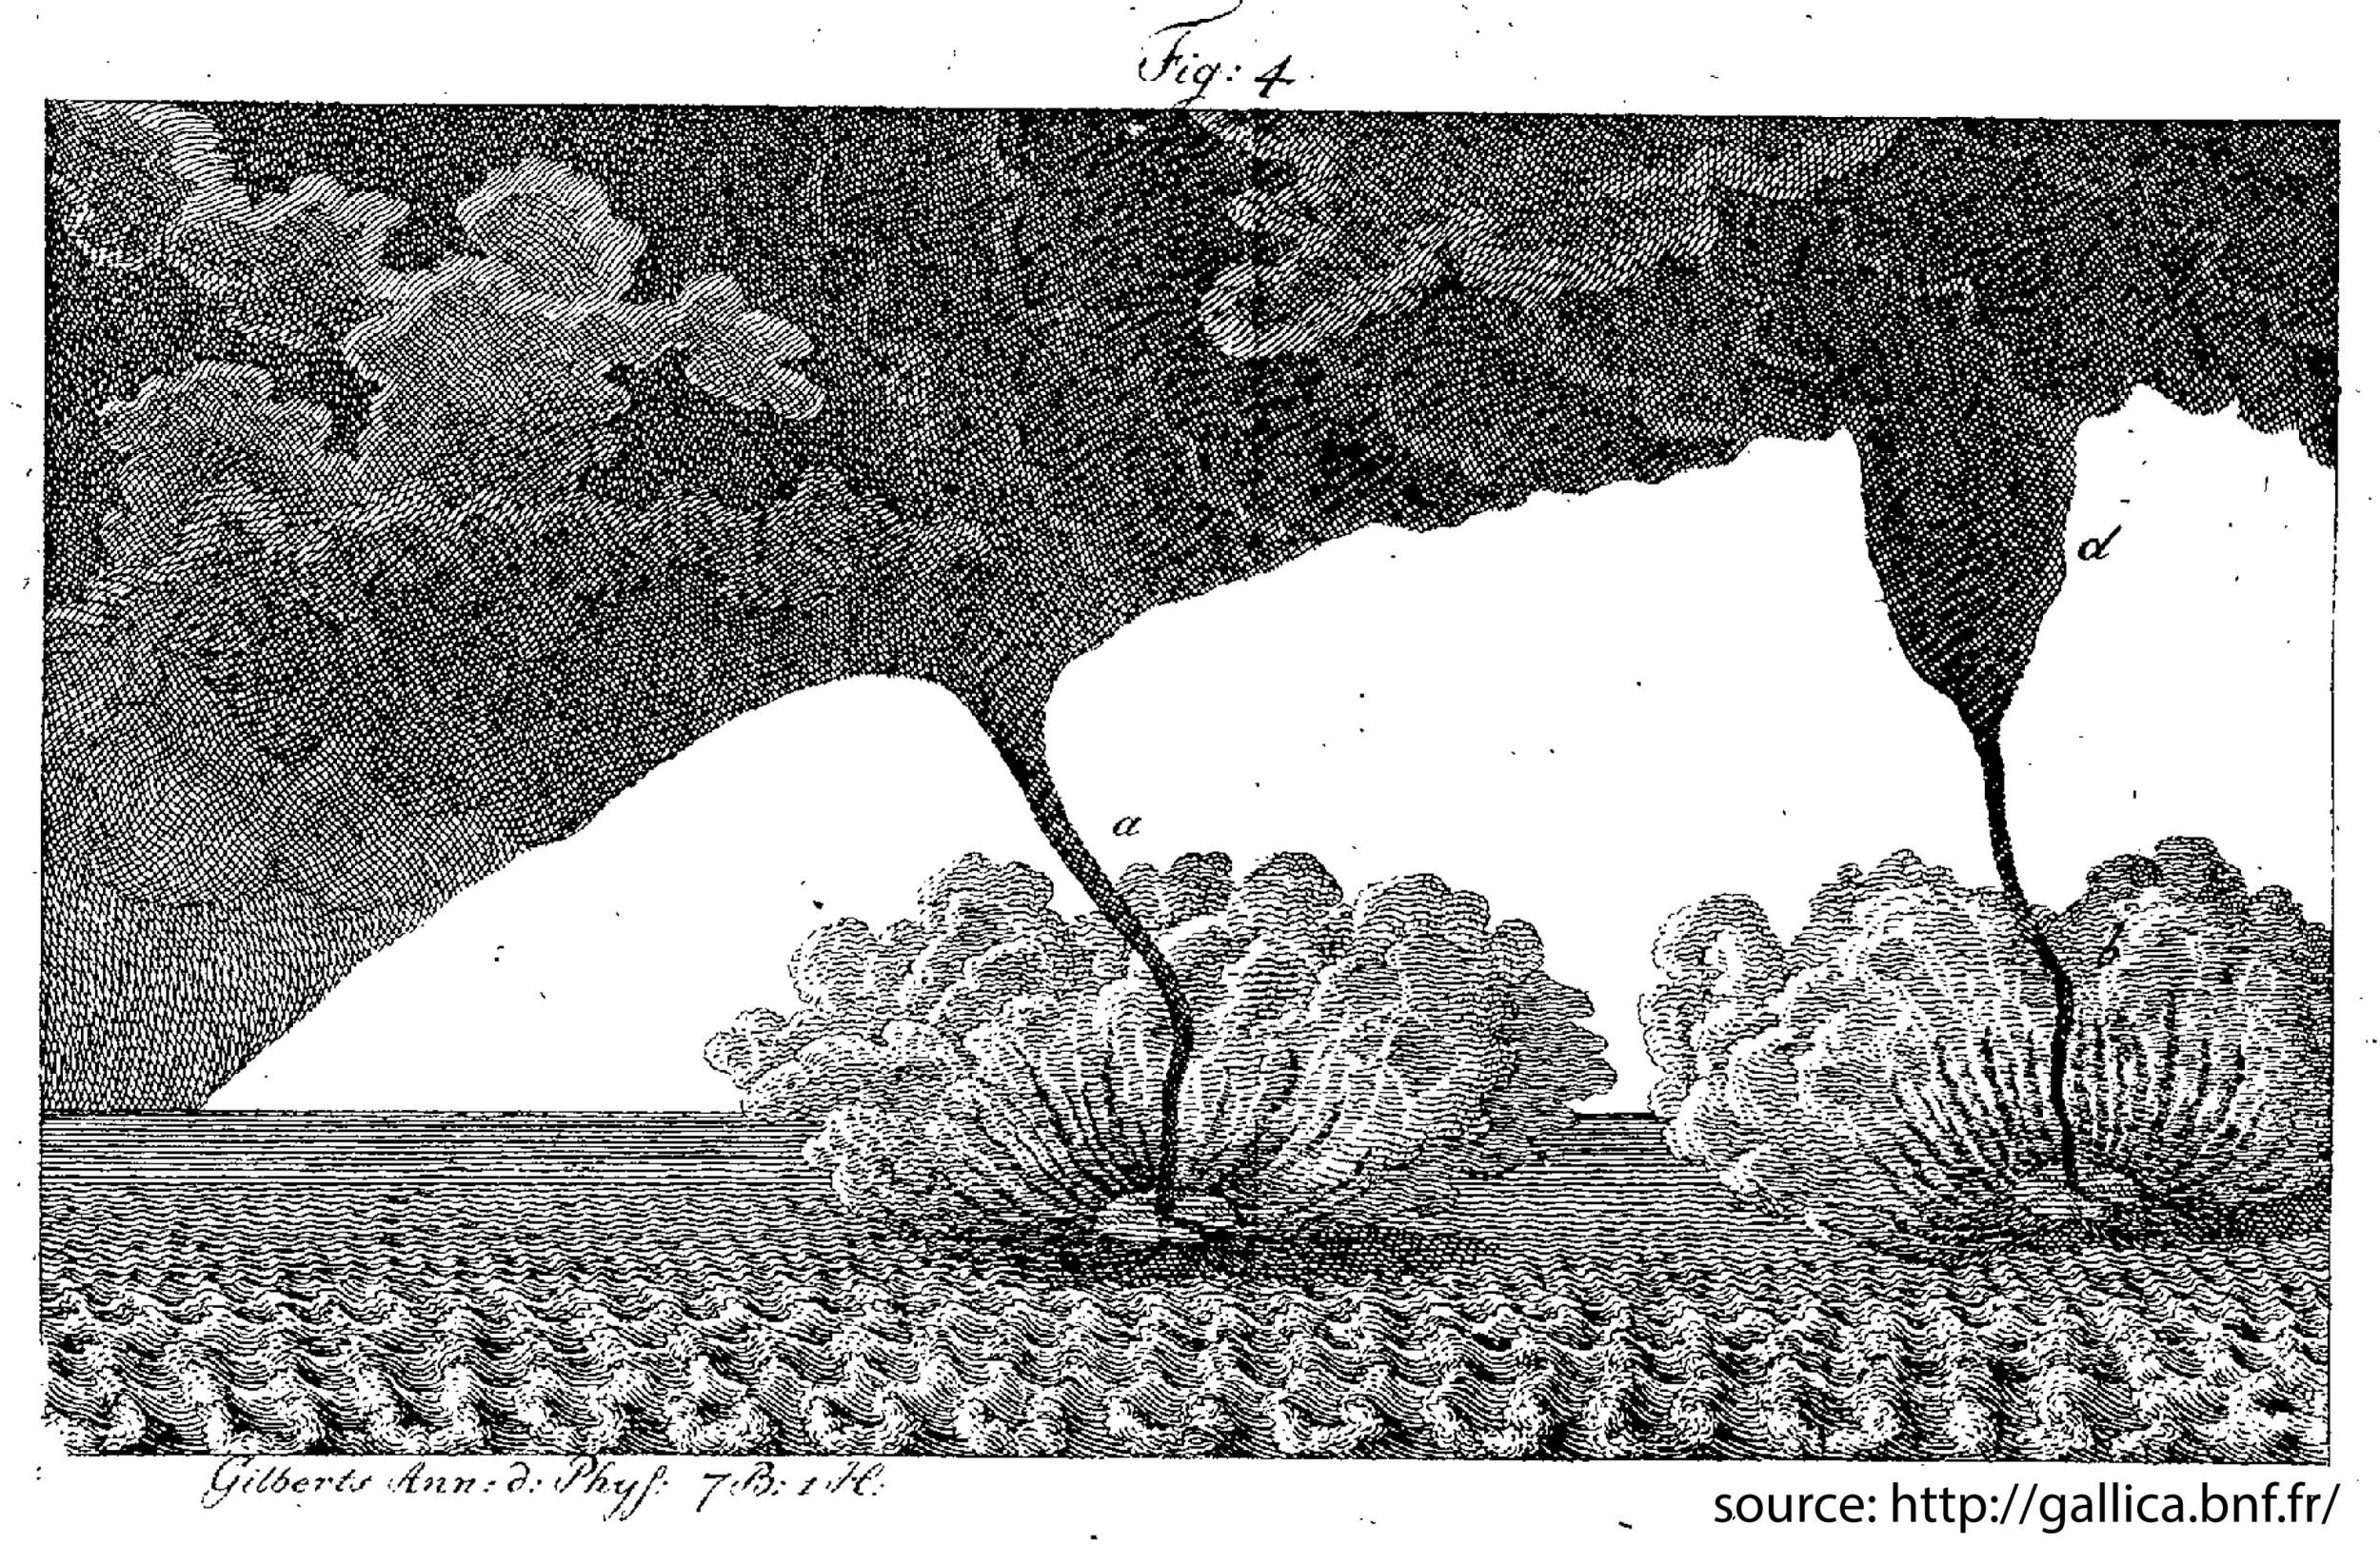 Waterspouts observed at Nice on 19 March 1789.    source: Michaud, 1801: Observations sur les trombes de mer vues de Nice en 1789, le 6 Janvier et le 19 Mars.  Memoires de l' Acad. de Turin  ,  Tome 6  , p. 3  –  22. (via  gallica.bnf.fr  ).